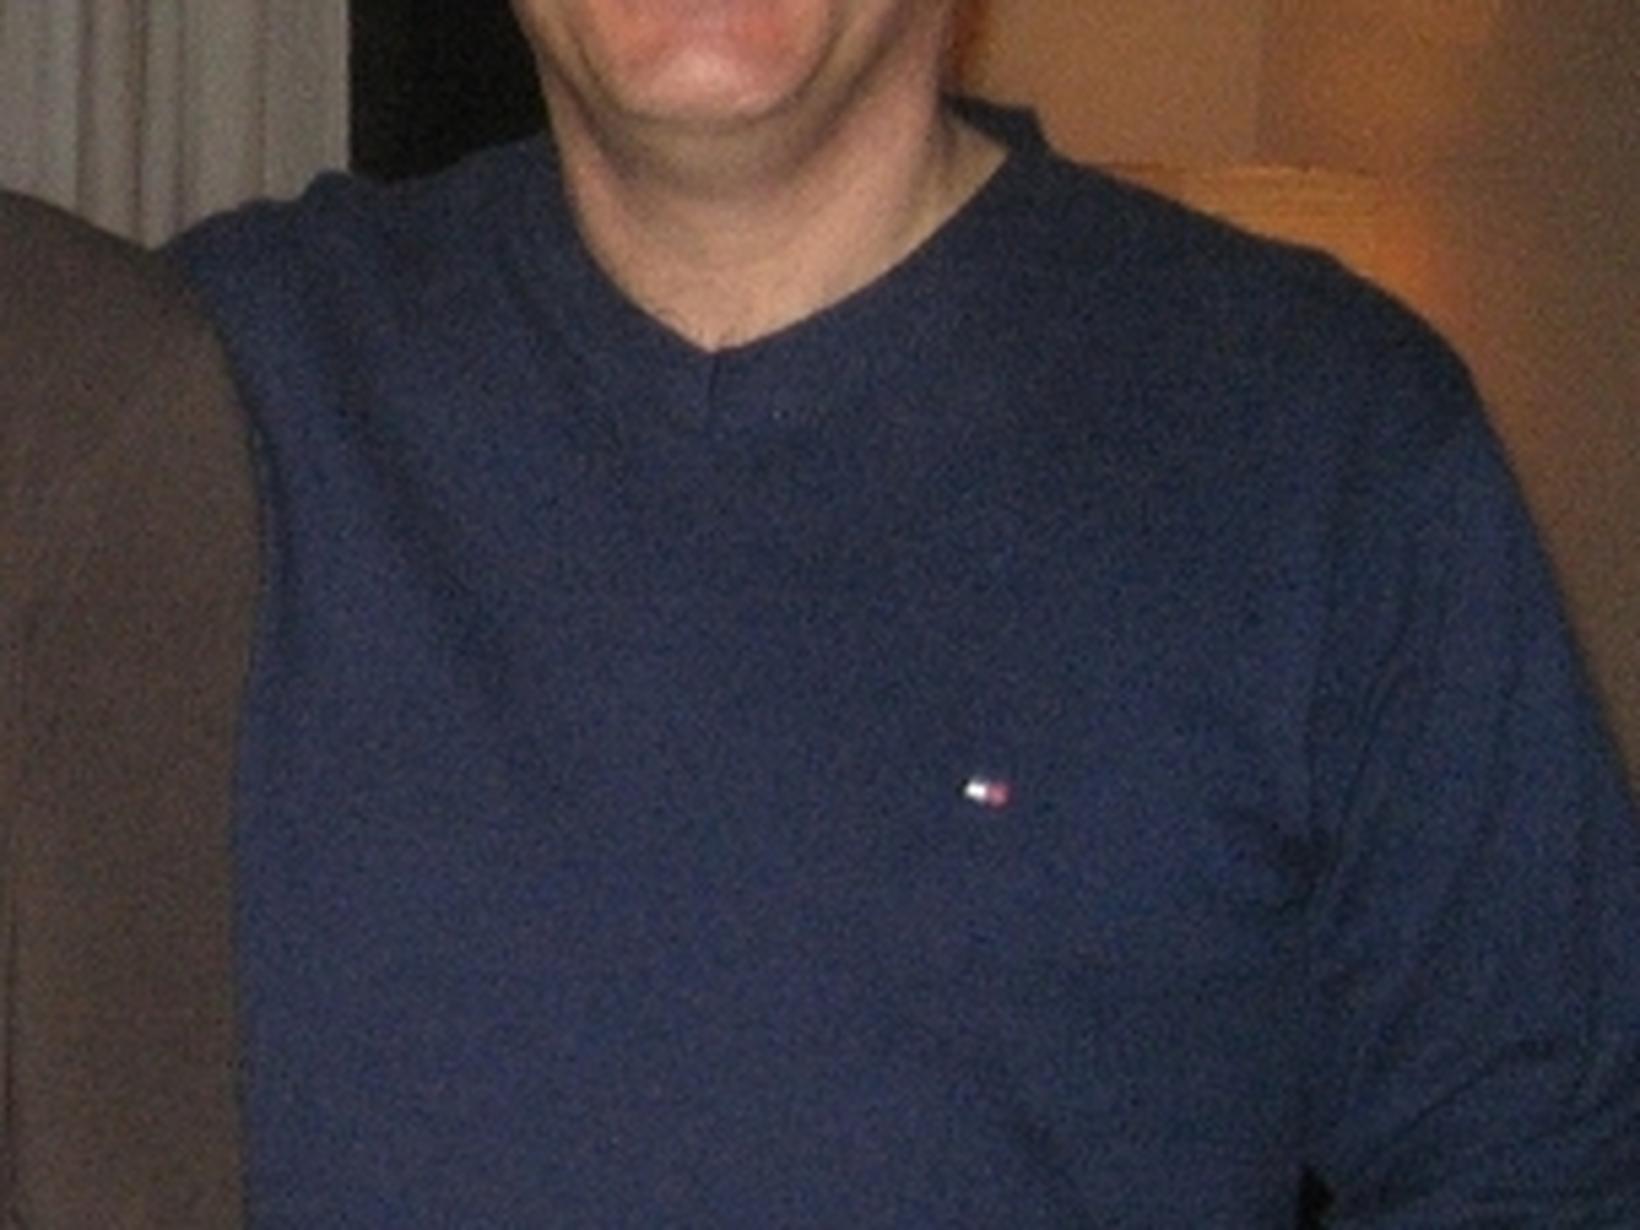 Don from Toronto, Ontario, Canada